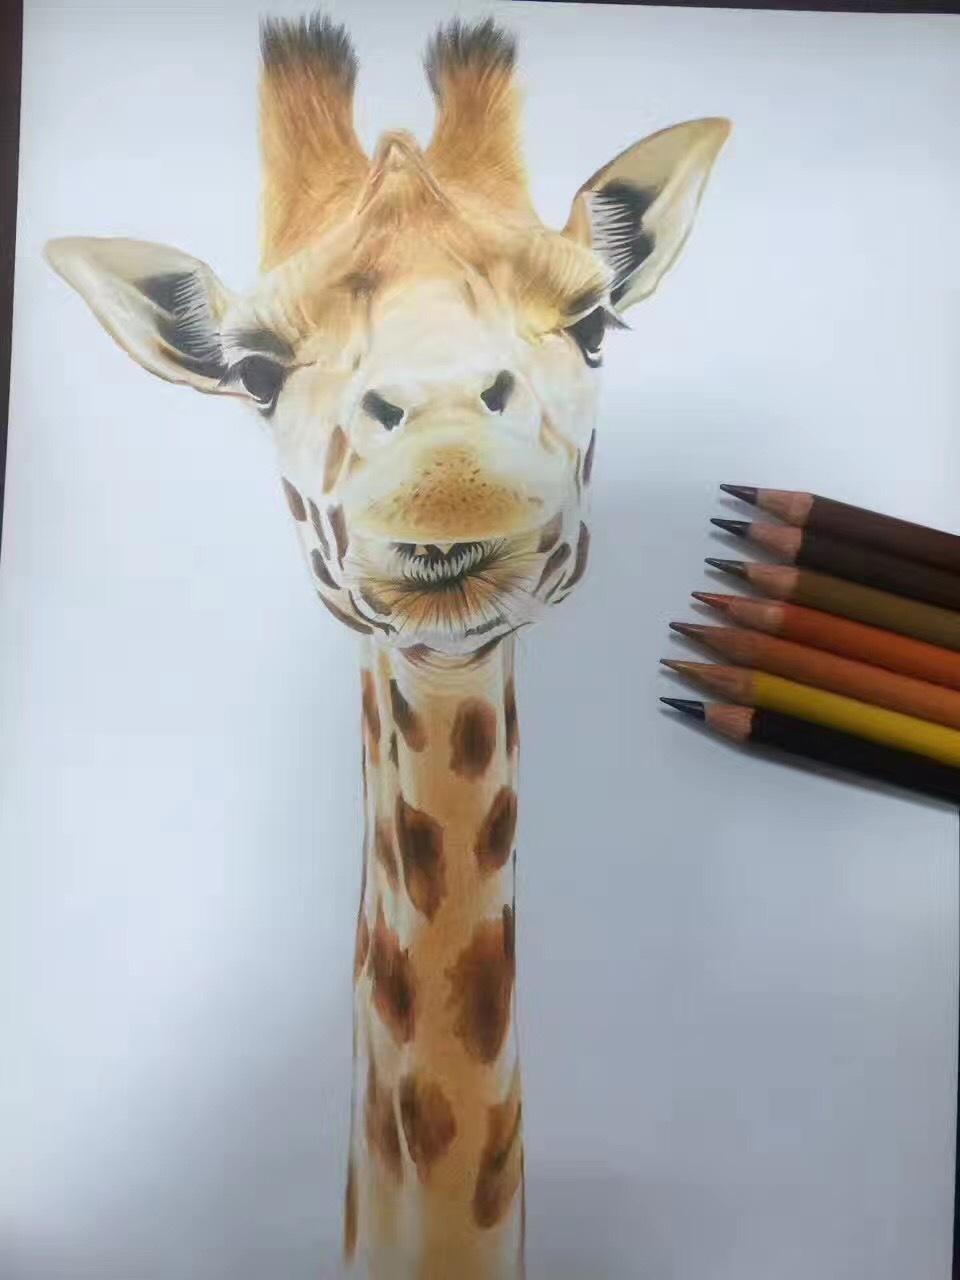 长颈鹿彩铅画_长颈鹿简笔彩铅画 _排行榜大全